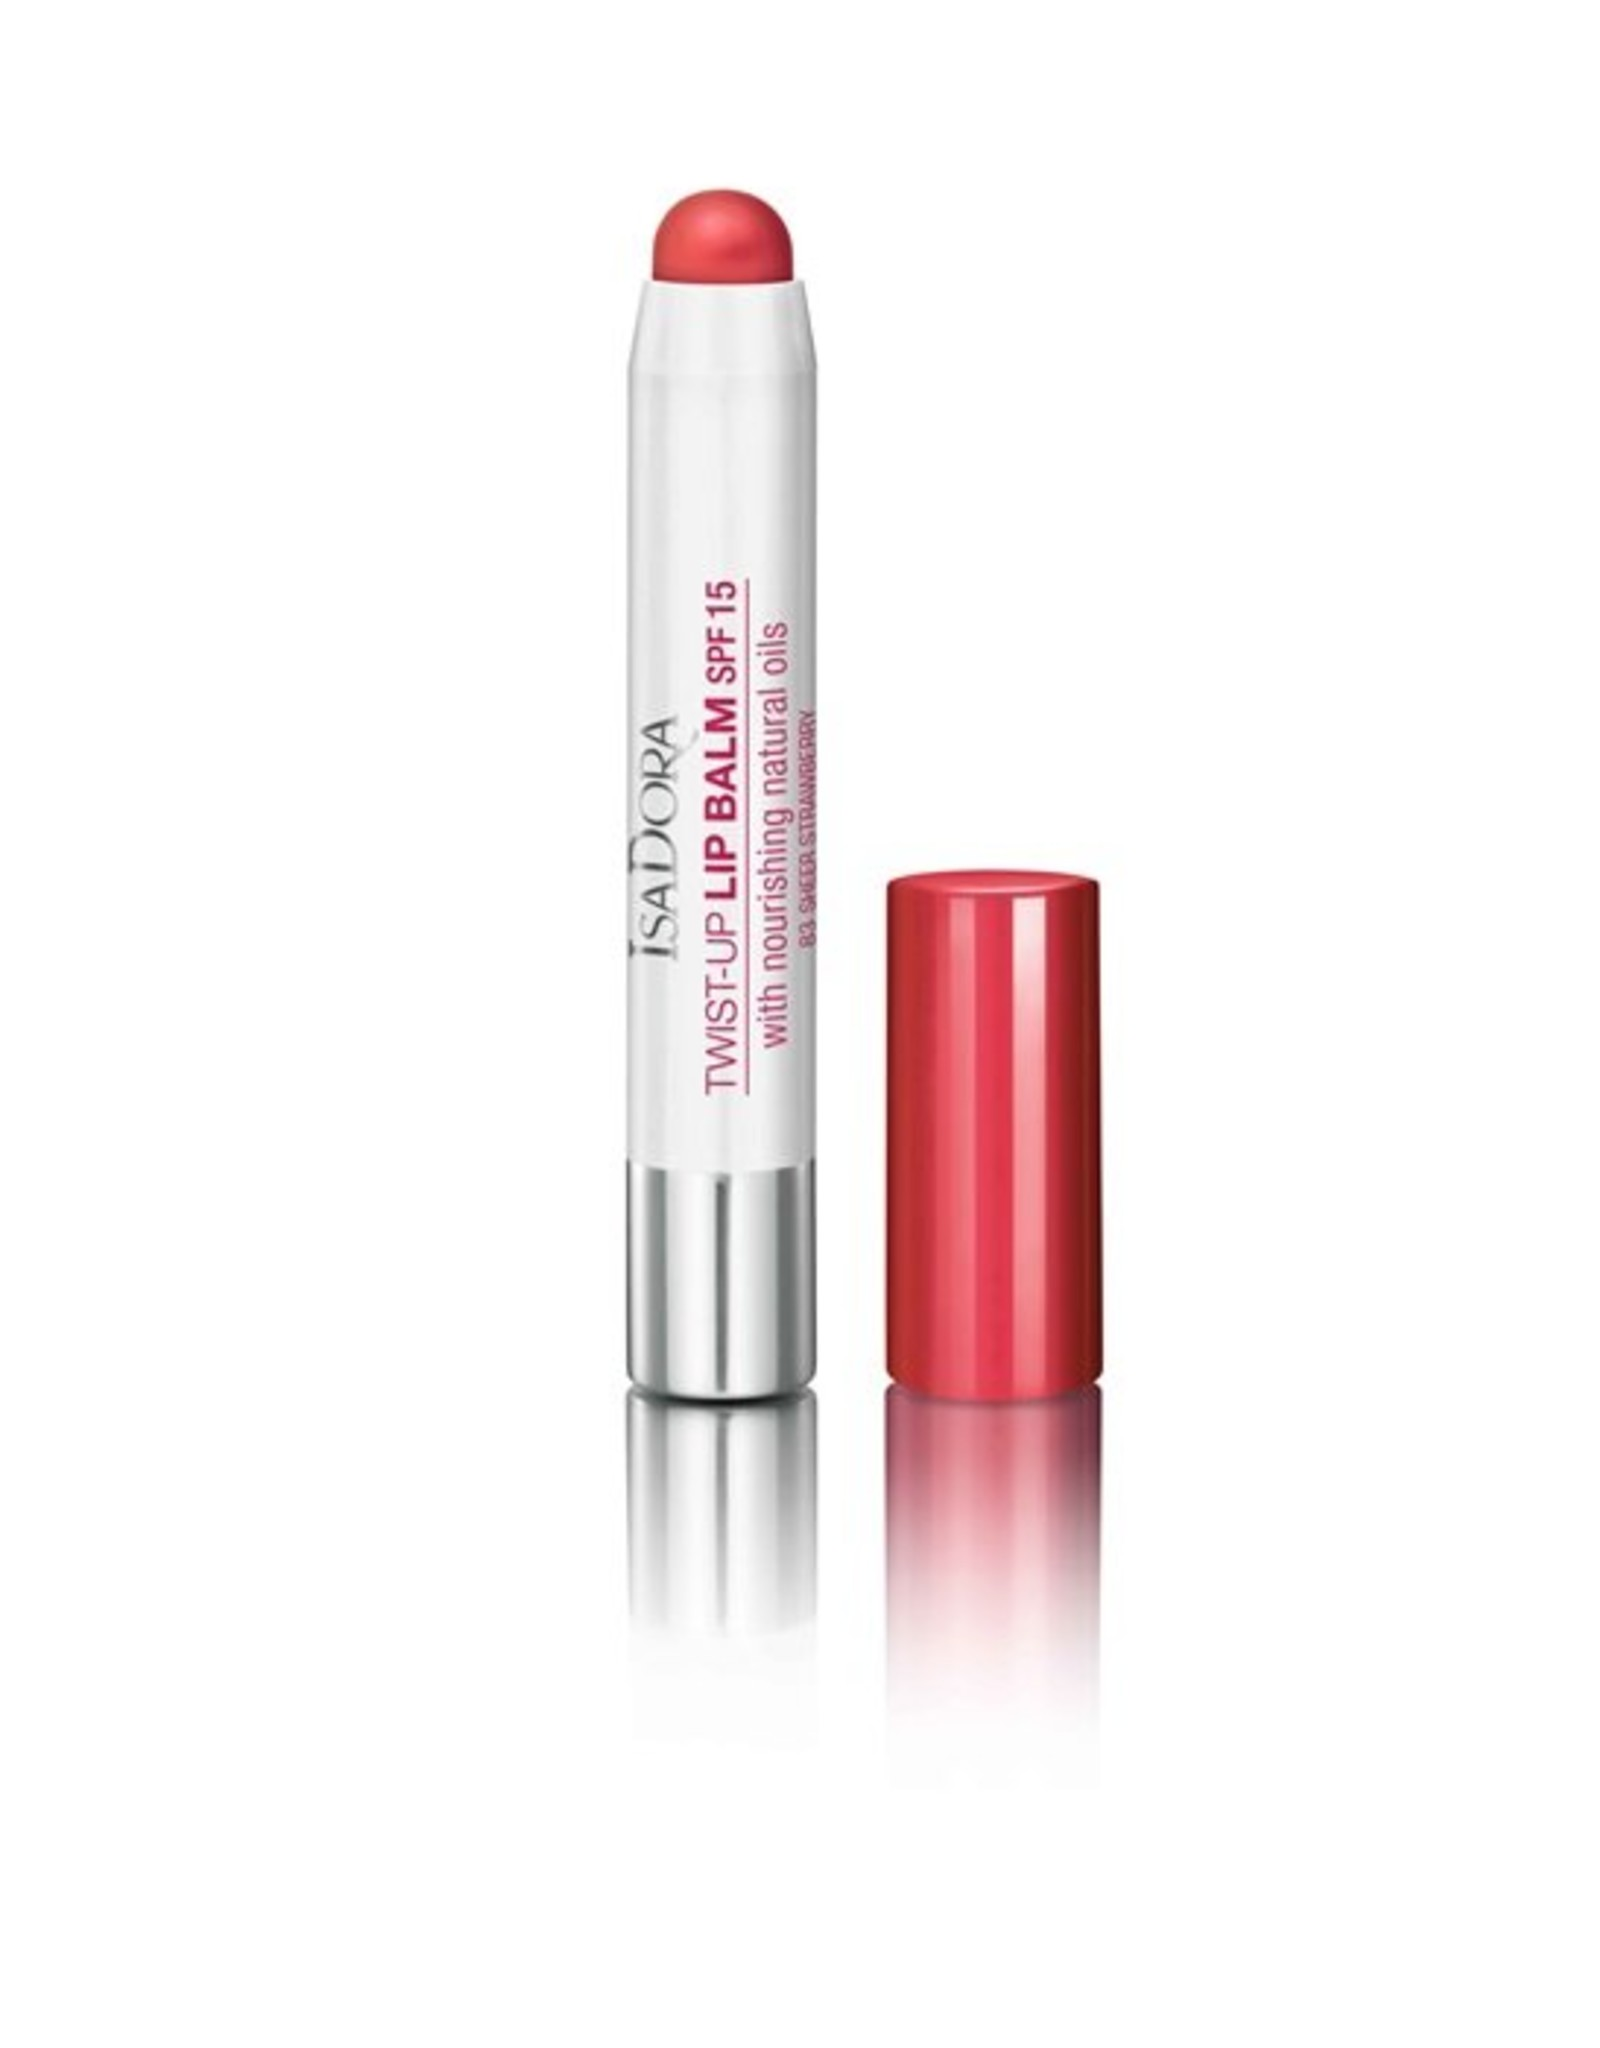 Isadora Twist Up Lip Balm SPF 15 - Isadora